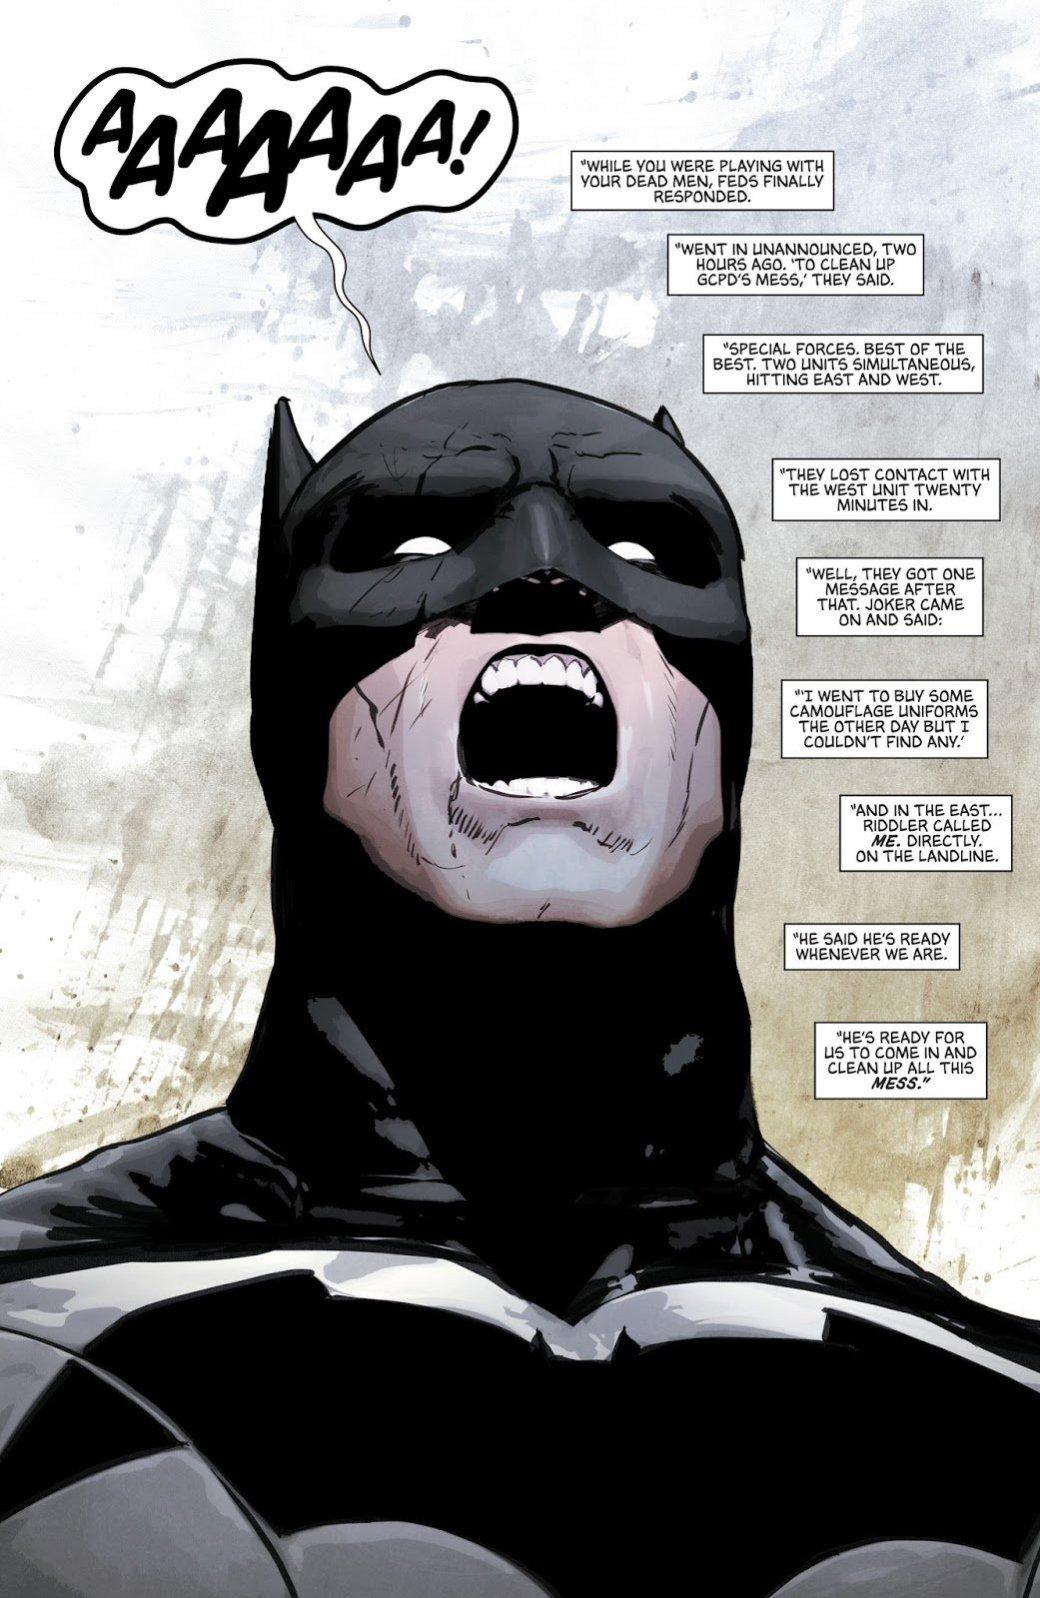 Зачем нужна была война Джокера иЗагадочника настраницах комикса «Бэтмен»?. - Изображение 17